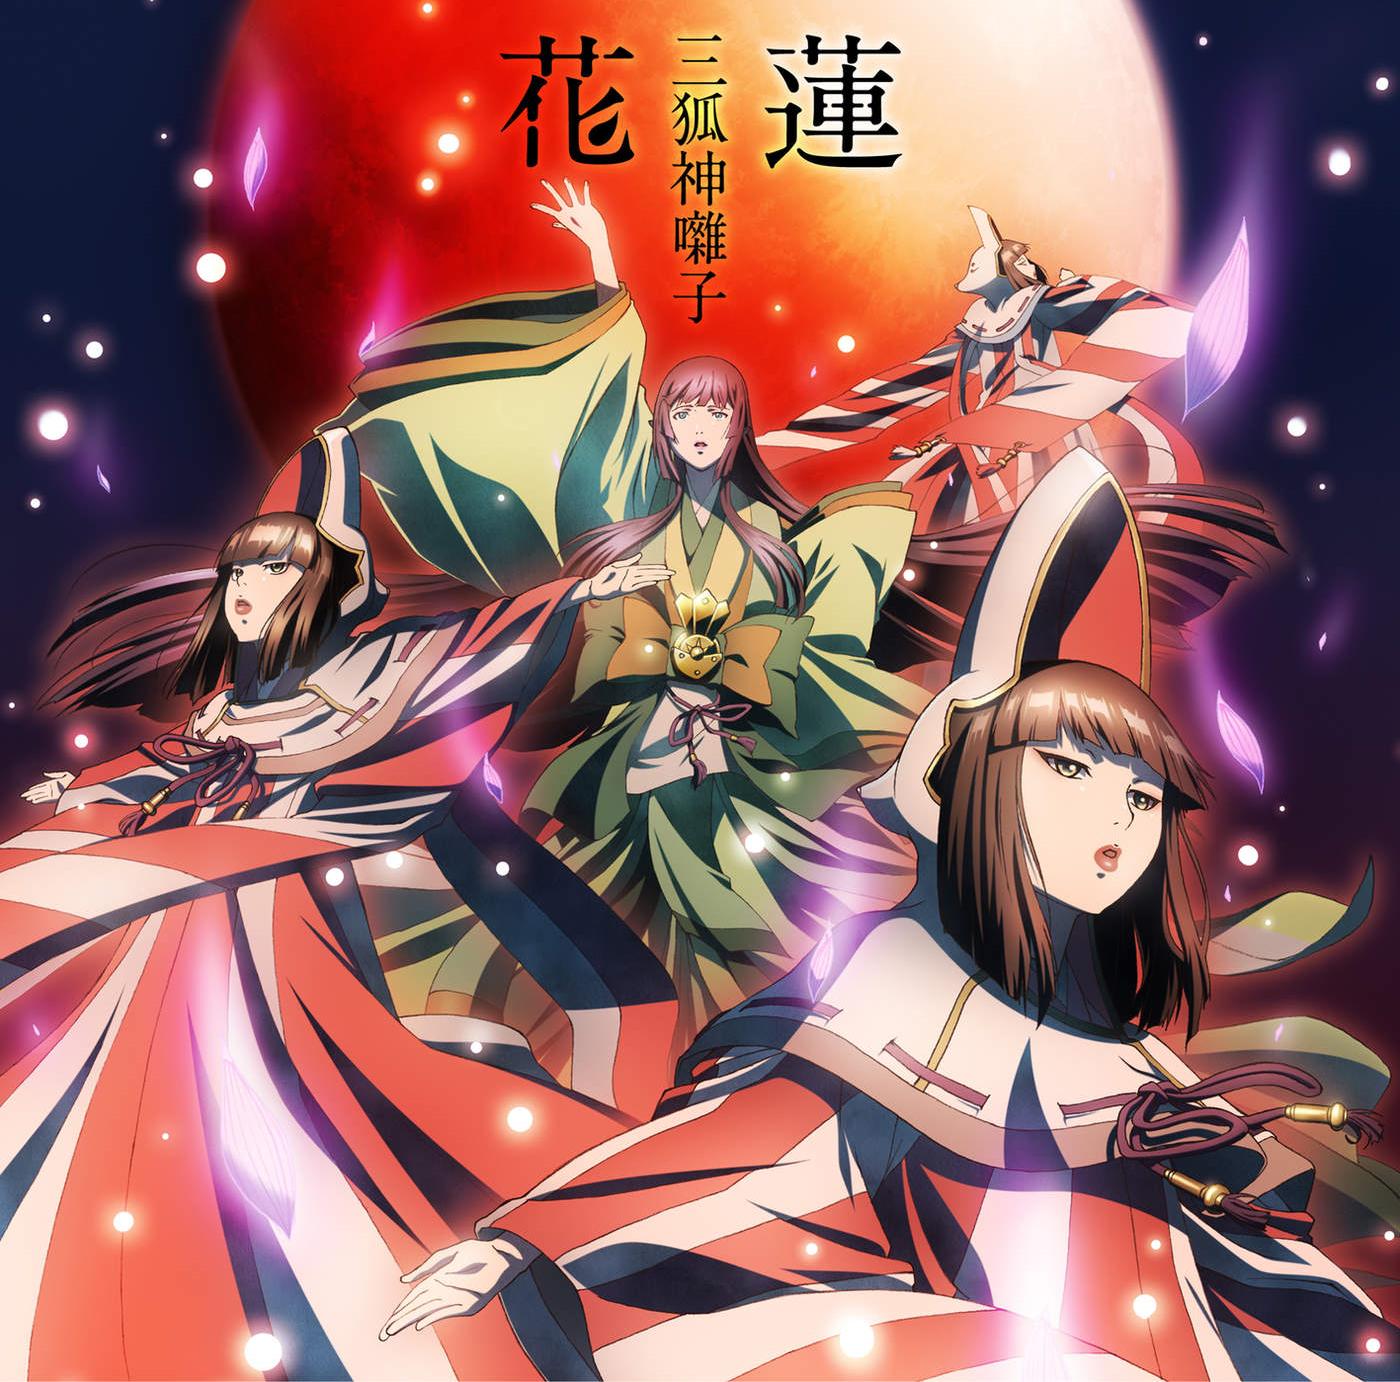 Full Song Mai Wo Dunya Mp3 Download: GARO -Guren No Tsuki- Ending 2 Full